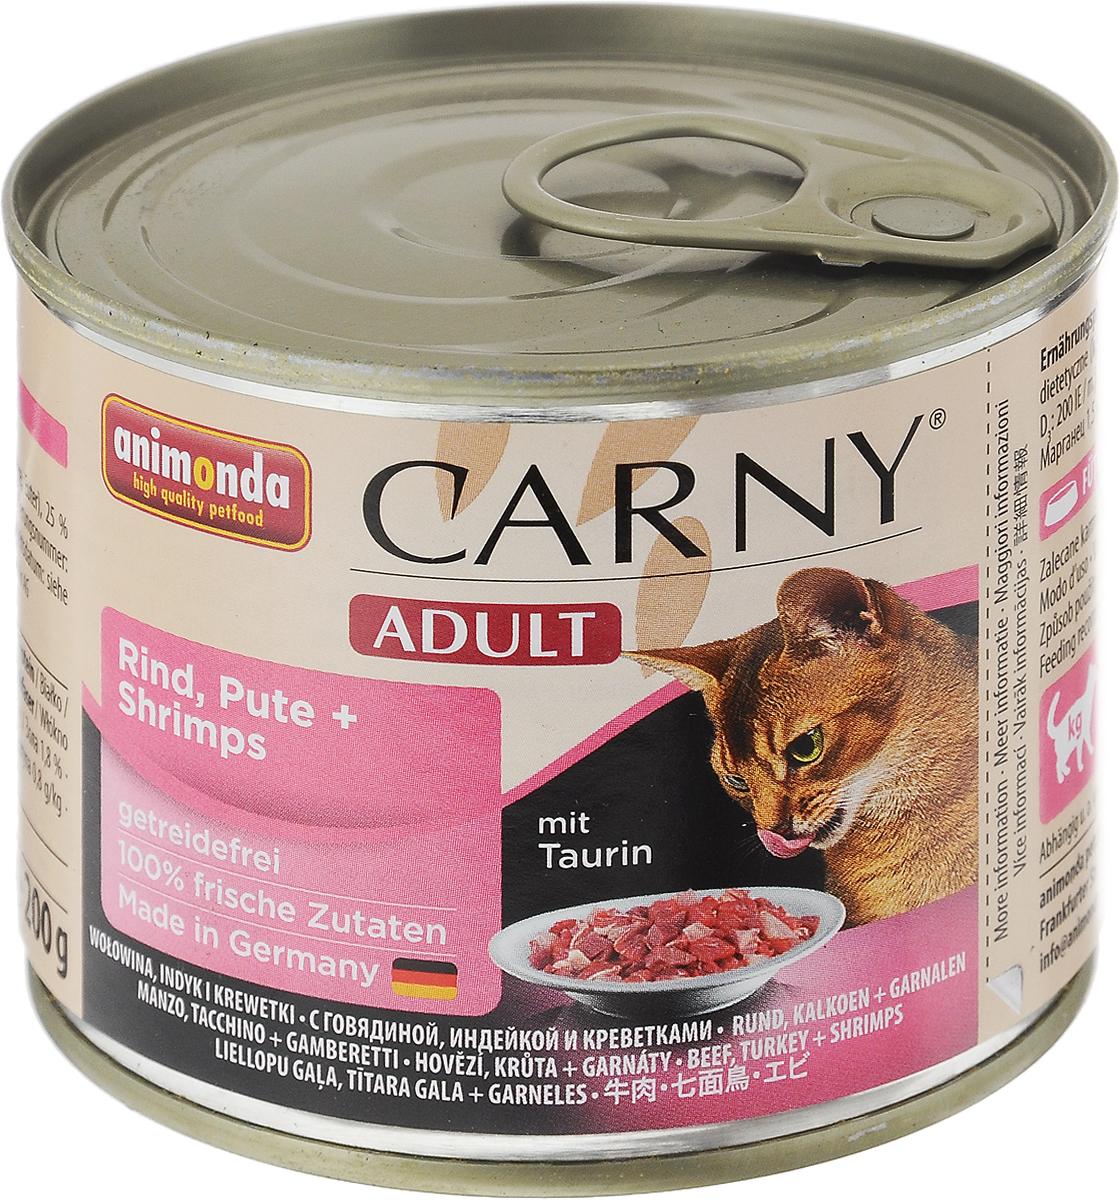 Консервы Animonda Carny для взрослых кошек, с говядиной, индейкой и креветками, 200 г47150Кошки не могут получать все необходимые питательные вещества только из растительных ингредиентов. Влажные корма Animonda для кошек сделаны с использованием только натуральных мясных ингредиентов. Кроме этого в консервах для кошек содержатся необходимые минералы и витамины. Комплекс витаминов, минералов и микроэлементов позаботится о крепком здоровье, блестящей шерсти и прекрасном пищеварении. Состав: говядина 35% (говядина, сердце, легкие, почки, вымя), бульон 31%, индейка 29% (печень, желудок, сердце), креветки 4%, карбонат кальция. Анализ: белок 11,5%, жир 5%, клетчатка 0,5%, зола 1,4%, влажность 79%. Добавки (на 1 кг продукта): витамин D3 200 МЕ, витамин Е (a-токоферол) 30 мг. Вес: 200 г. Товар сертифицирован.